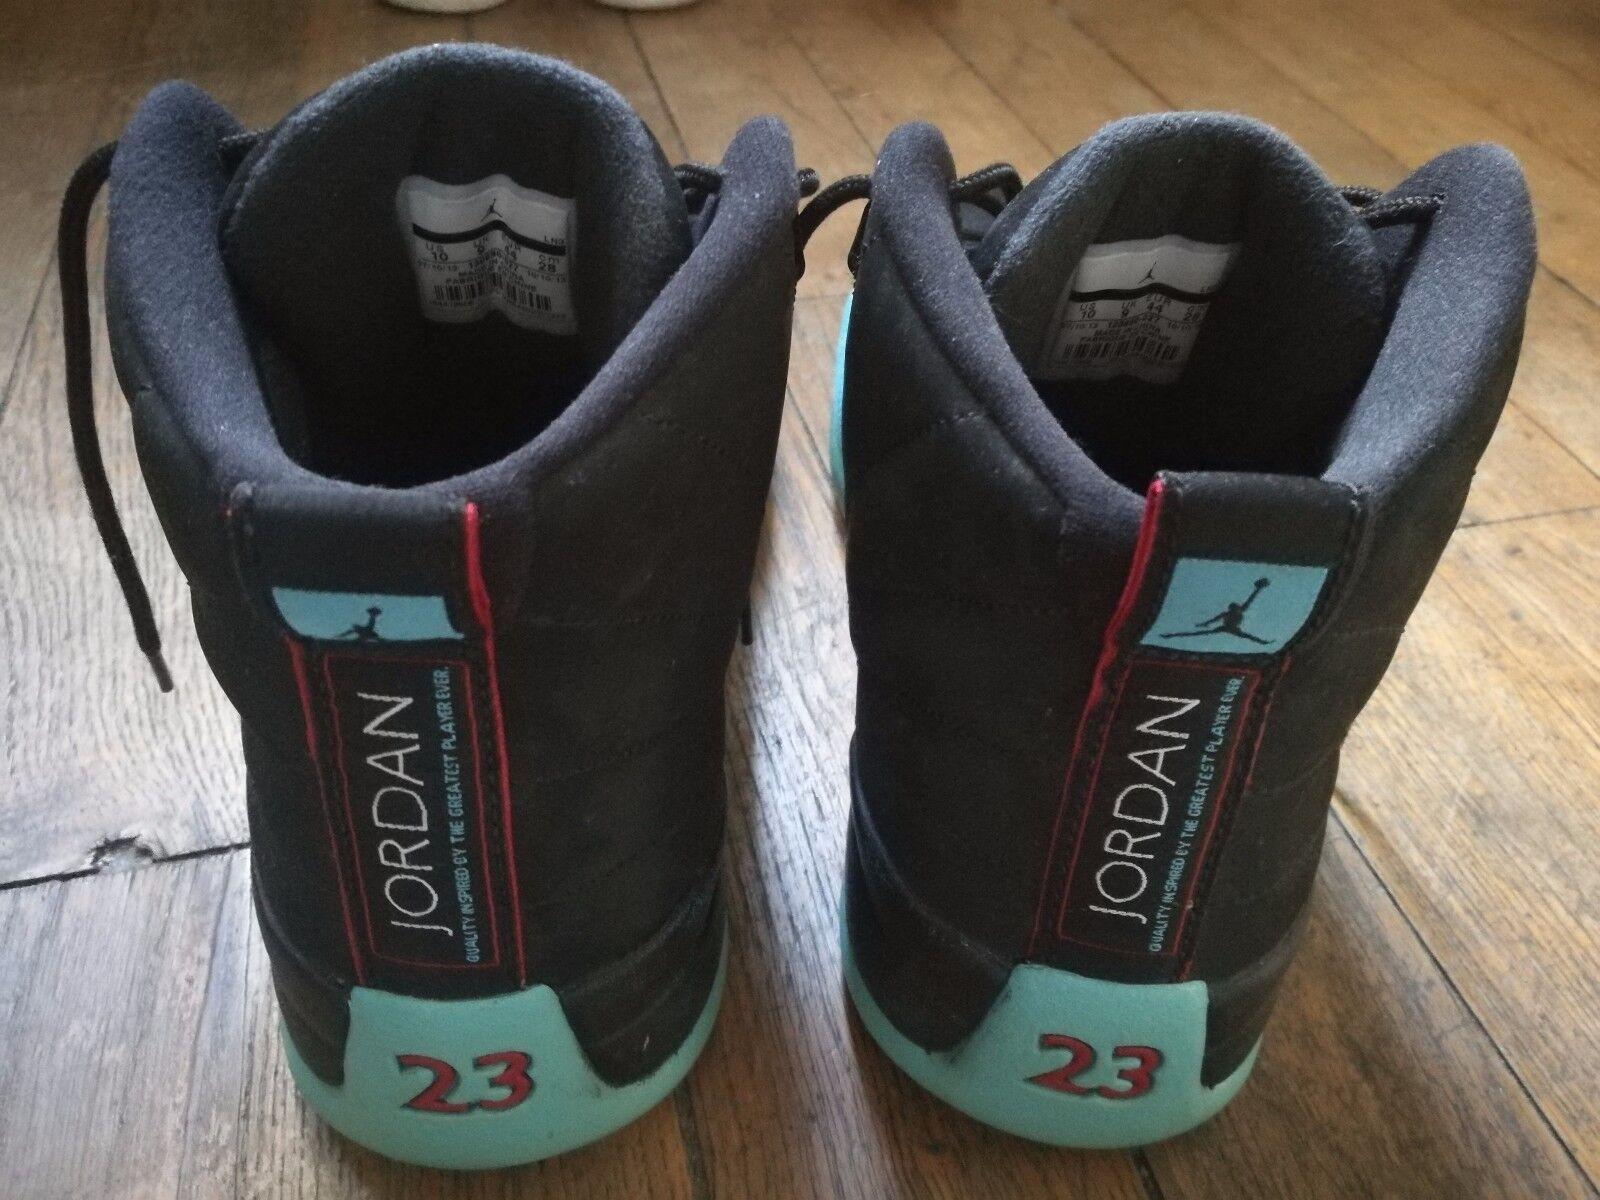 Nike Air Jordan Blue 12 Retro XII Gamma Blue Jordan  Taille 44 EU / Size 10 US 34e4d7